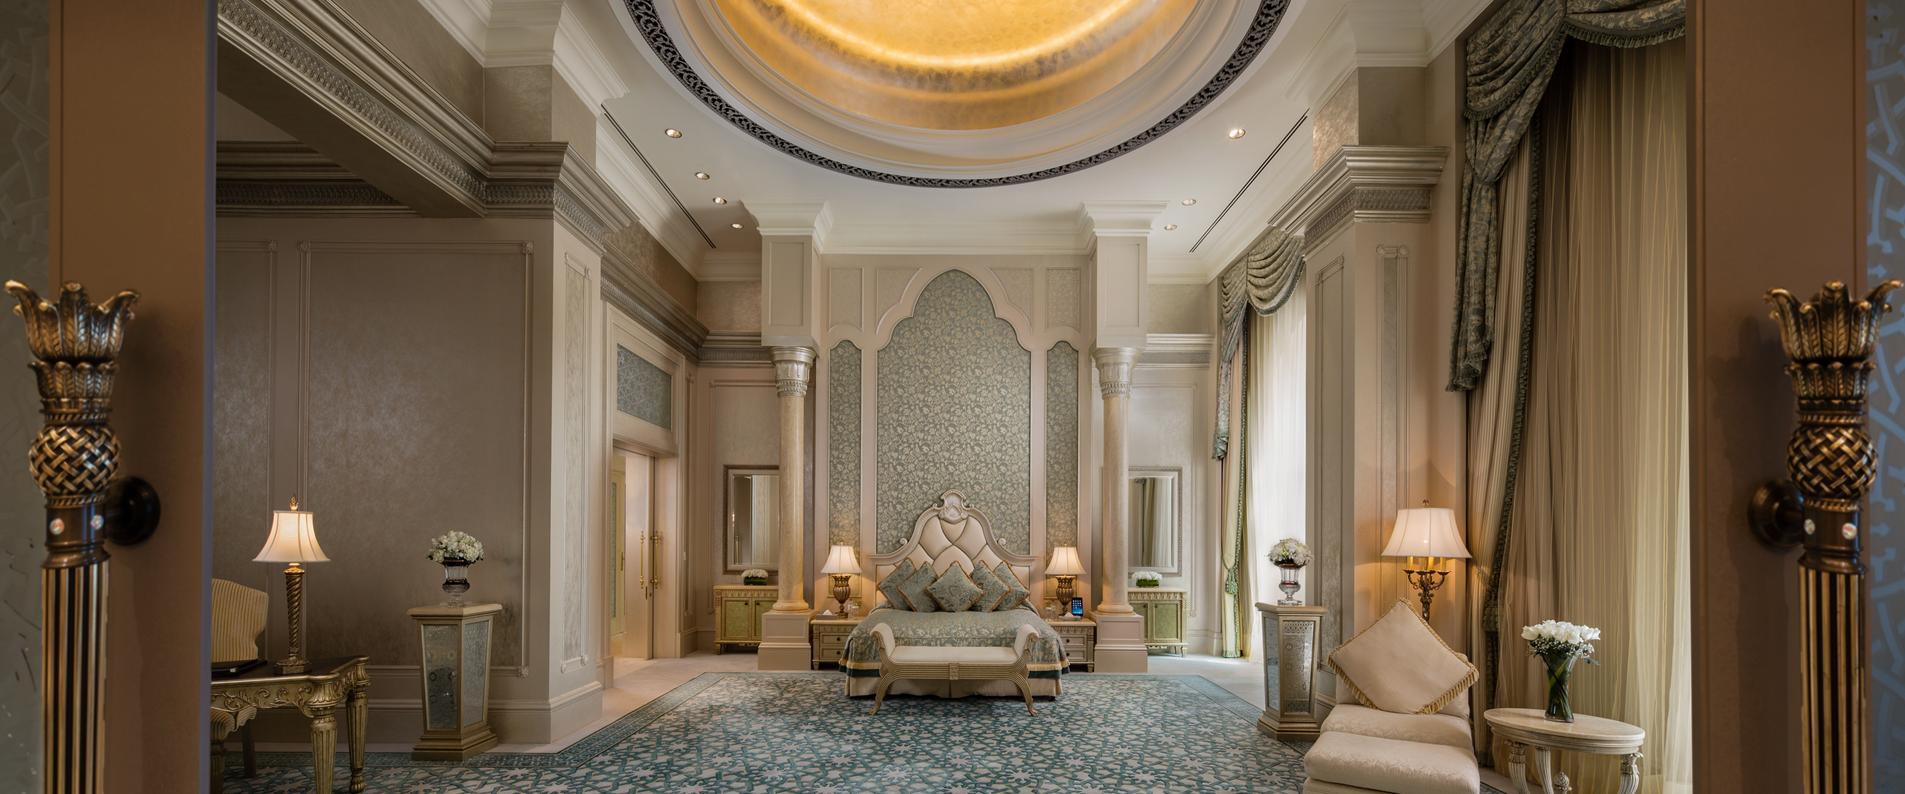 Hotel a 7 stelle_abu dhabi